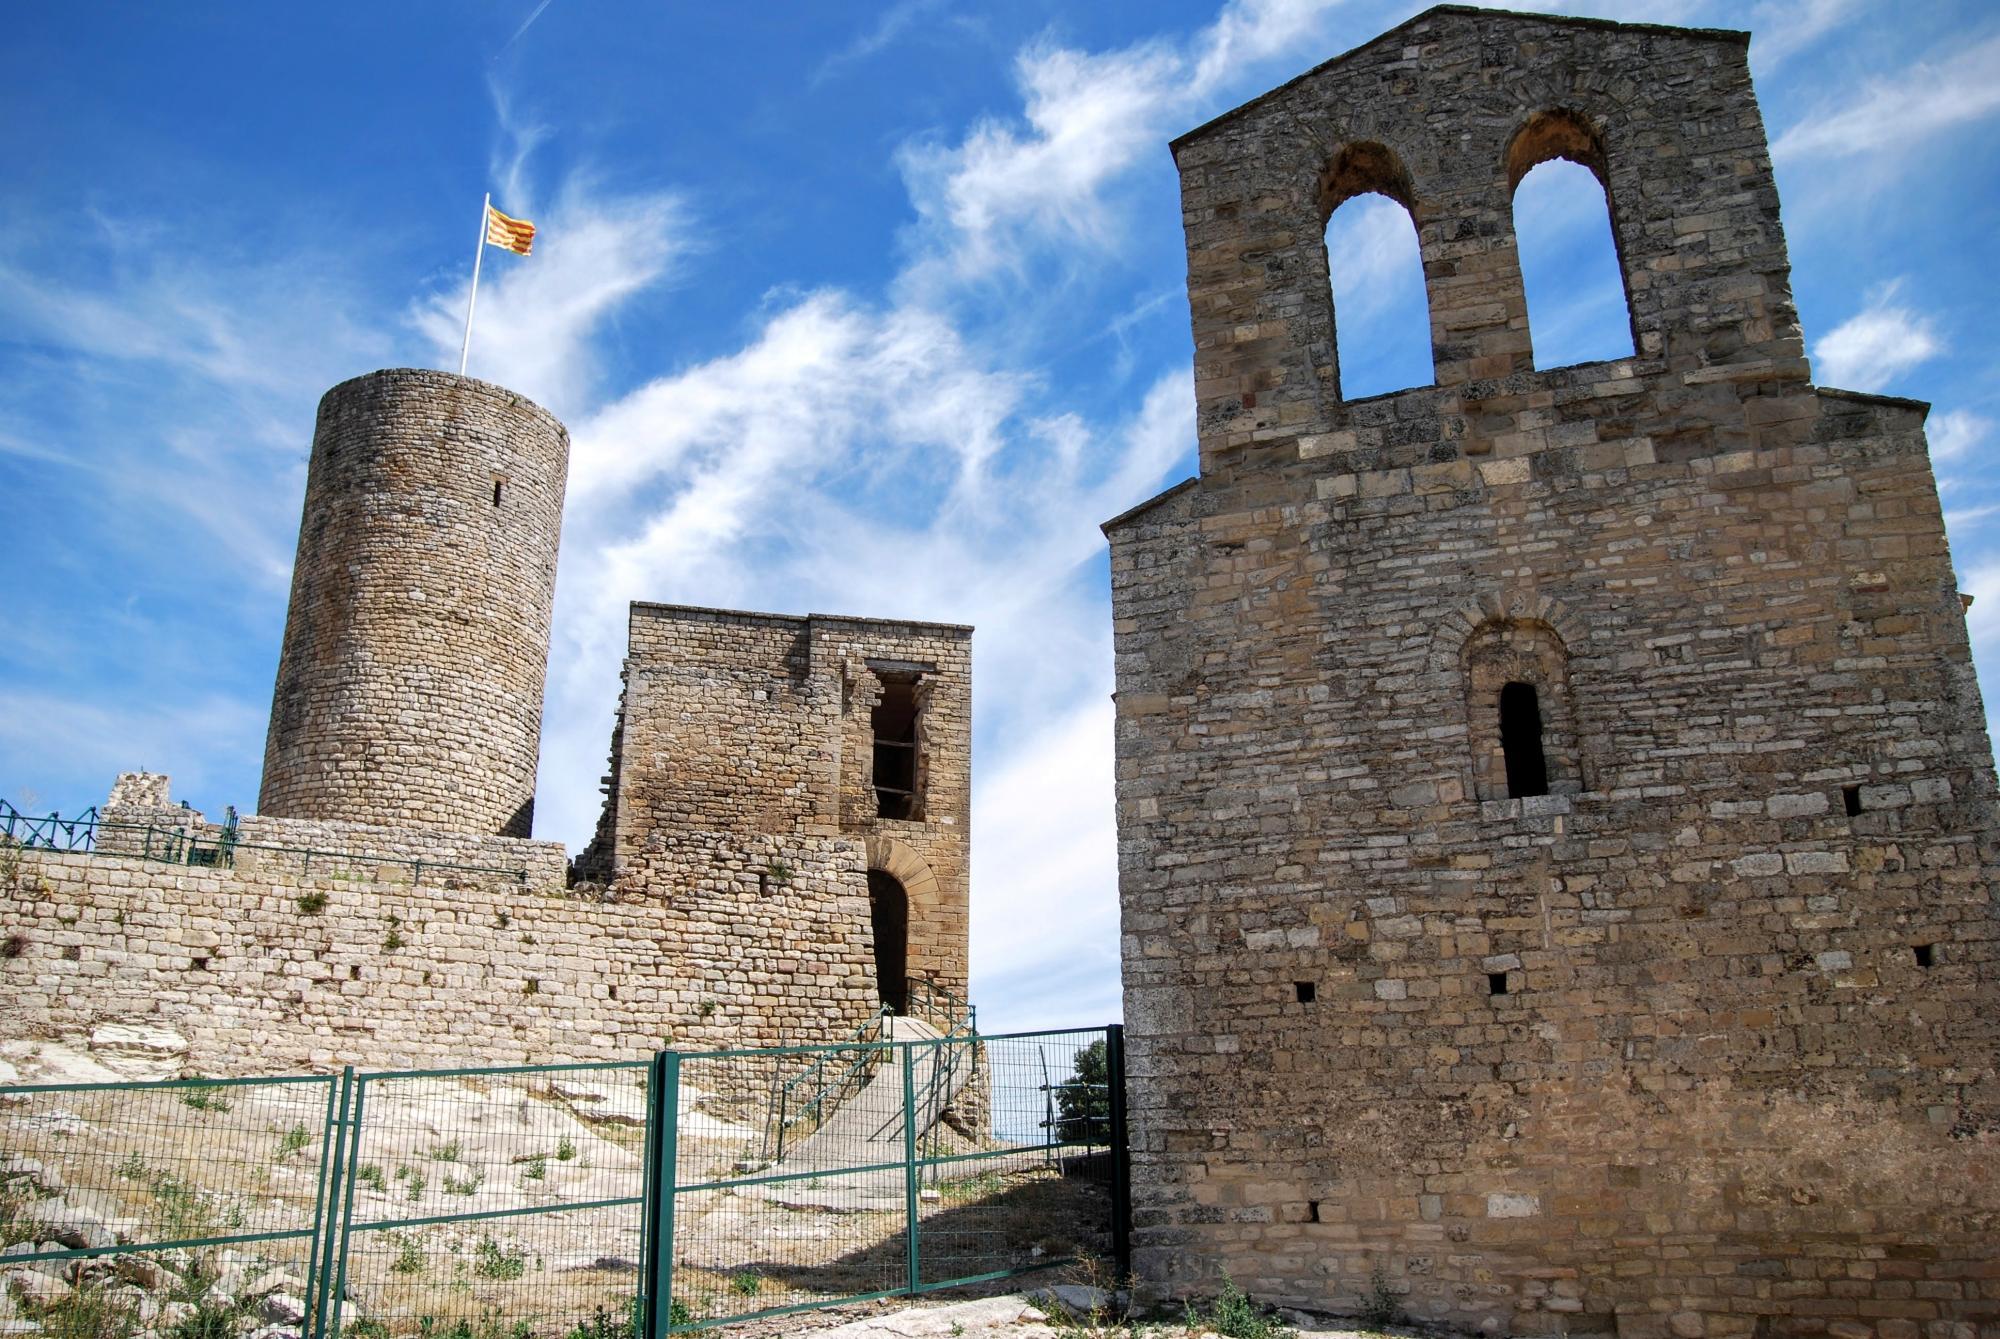 Castell Boixadors